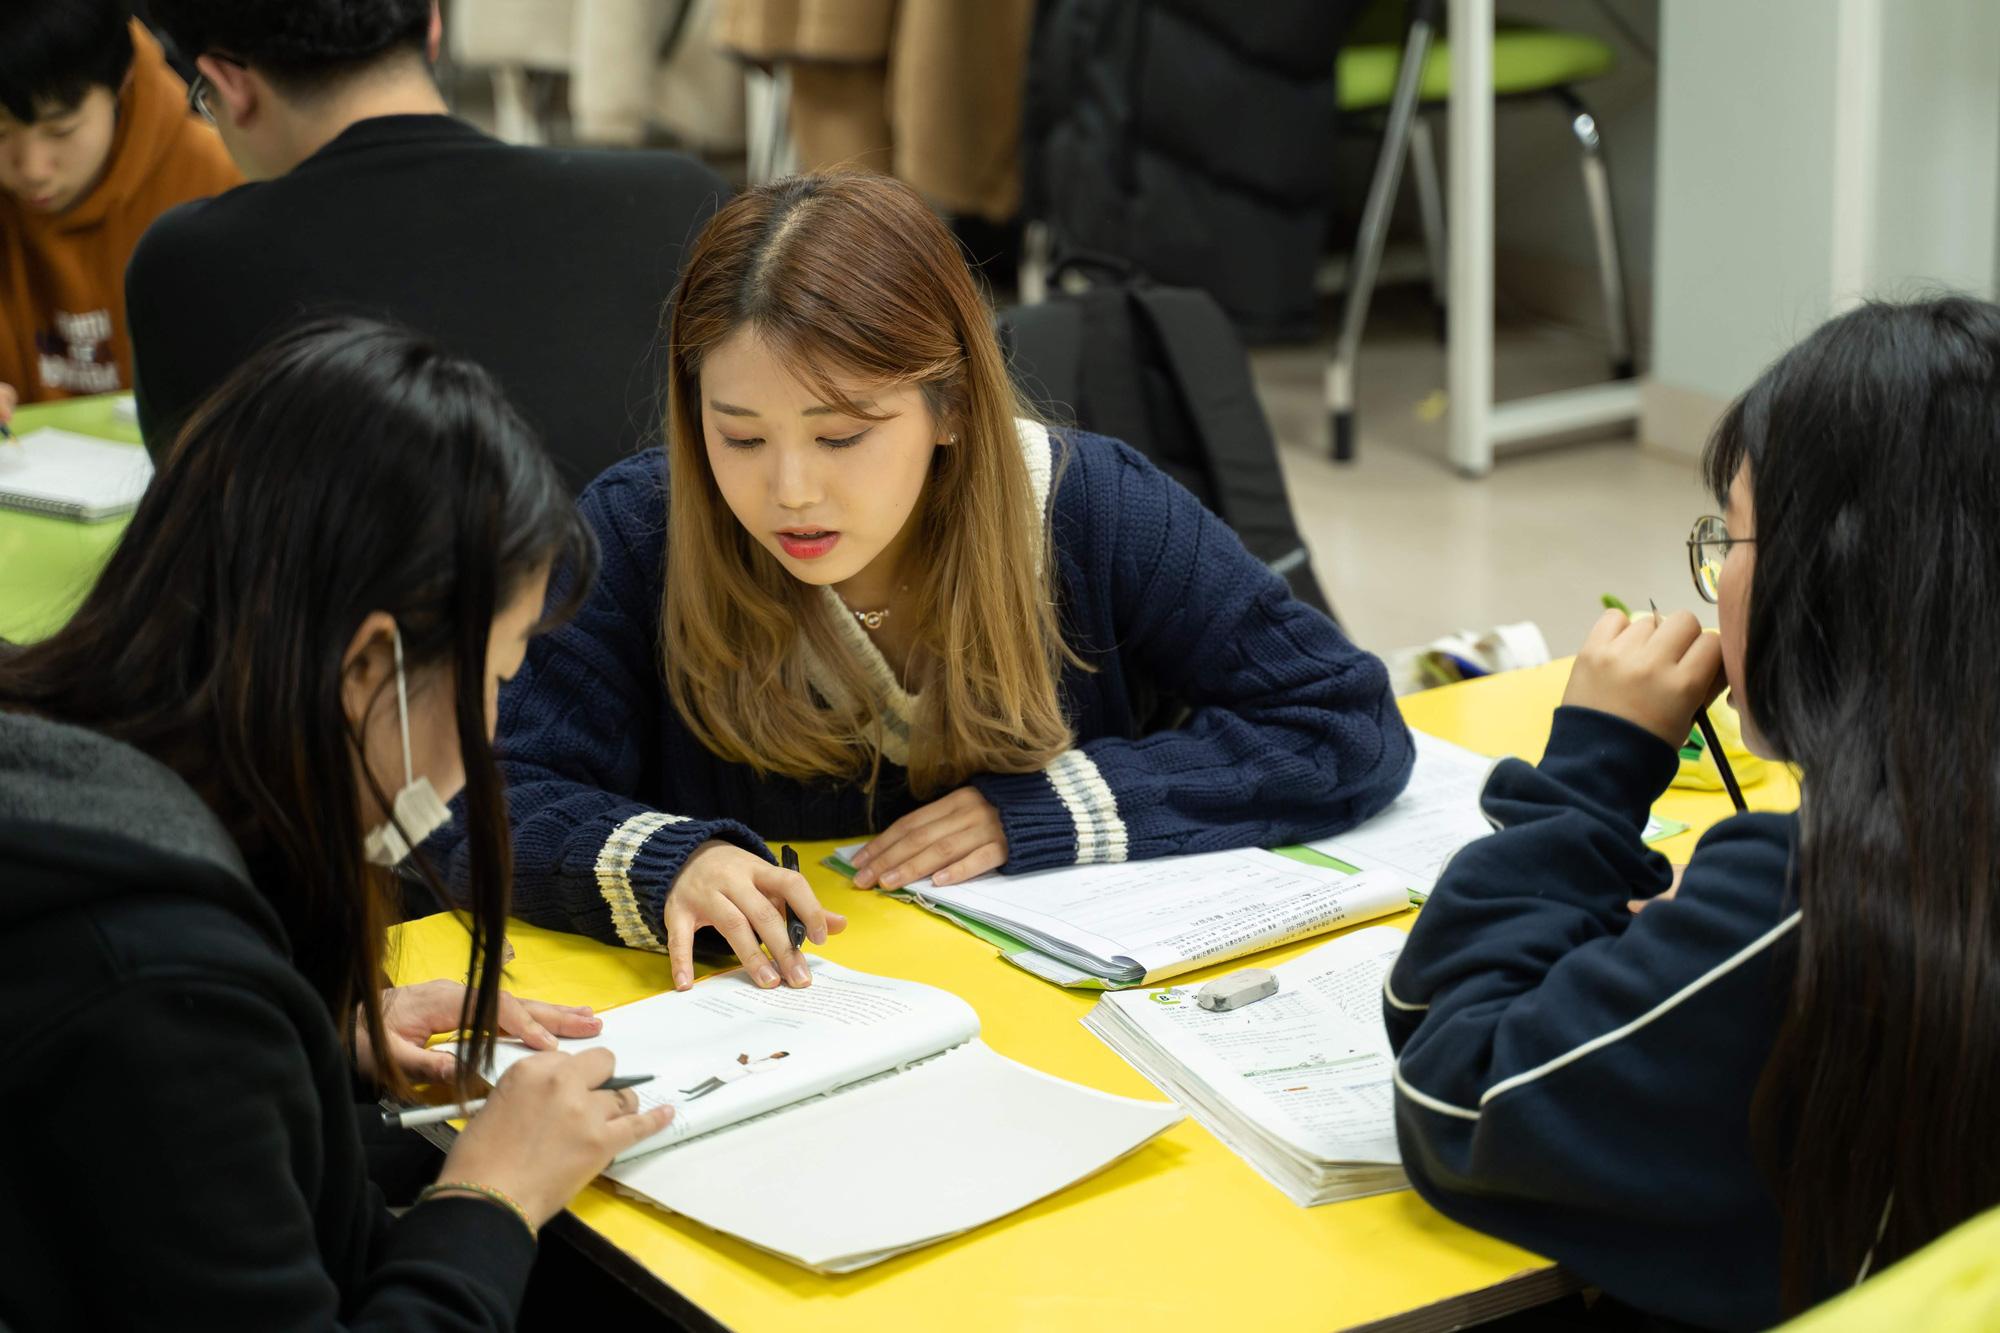 Tập đoàn ô tô Hyundai và TC MOTOR khởi động chương trìnhH-JUMP SCHOOL tại Việt Nam - Ảnh 1.